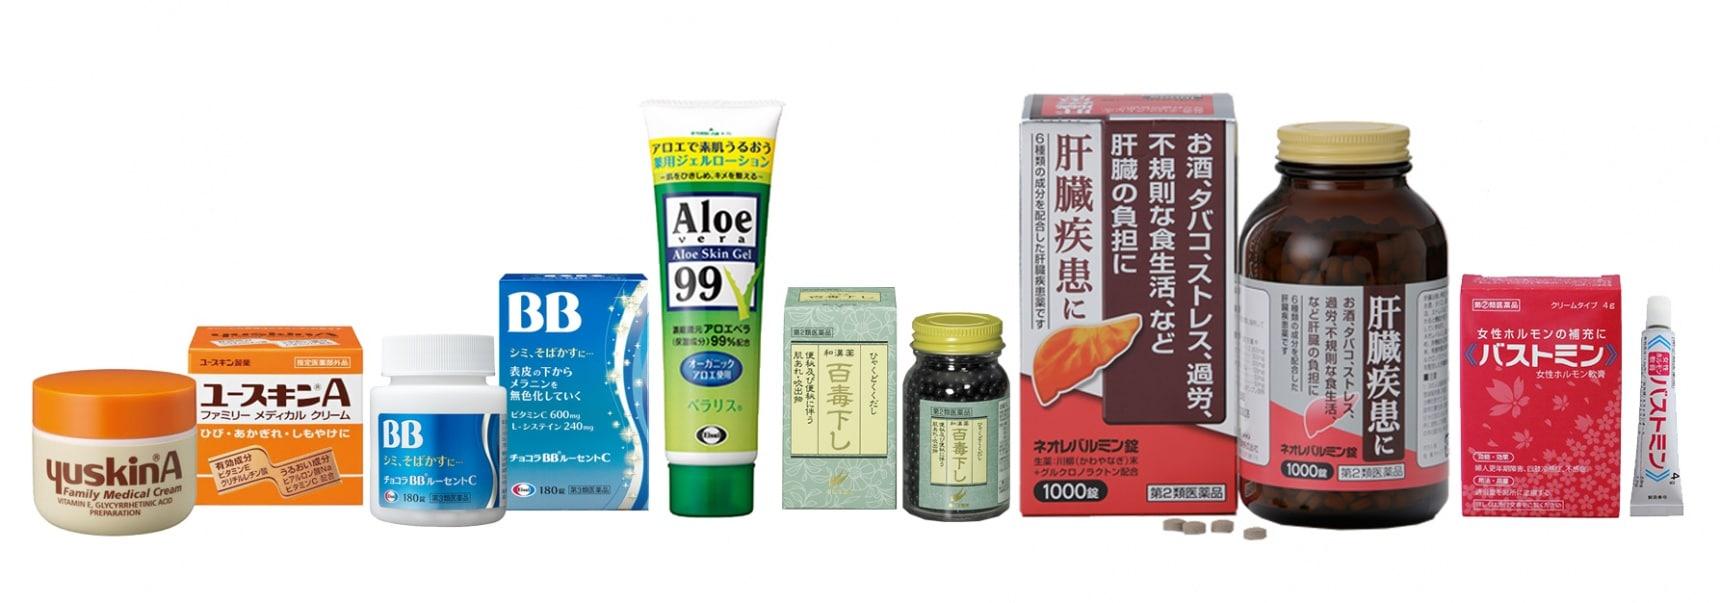 由久住日本的華人推薦的6種日本神藥!